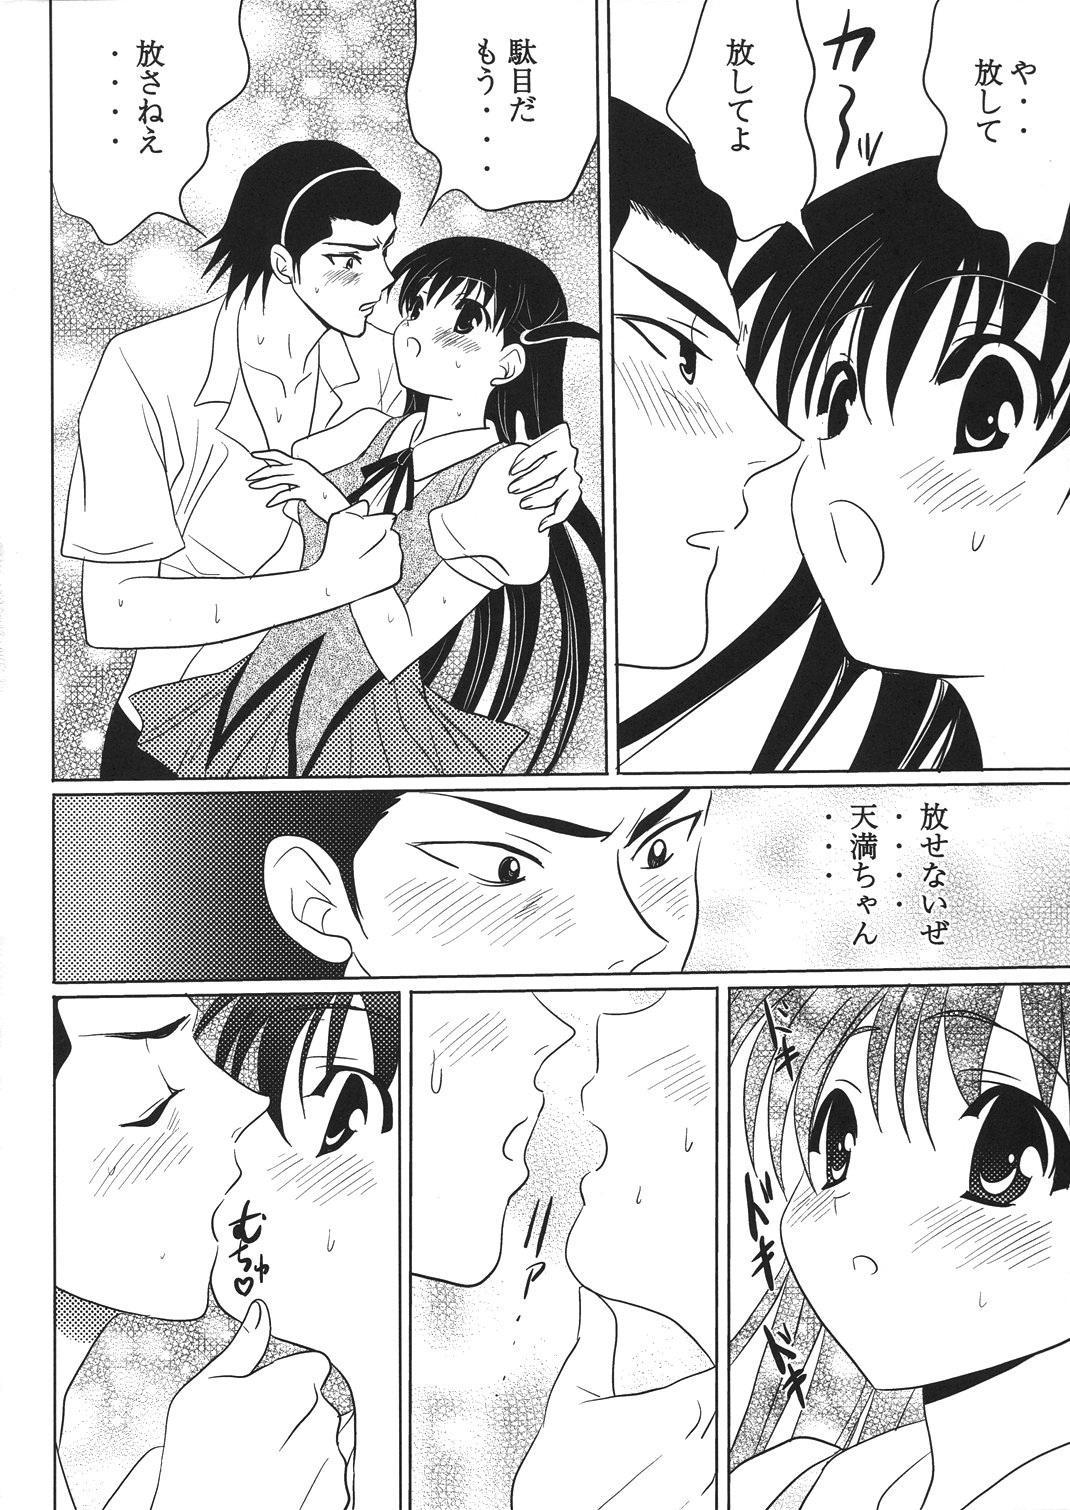 Tenmanchan Kimi no Koto ga Suki nanda 11